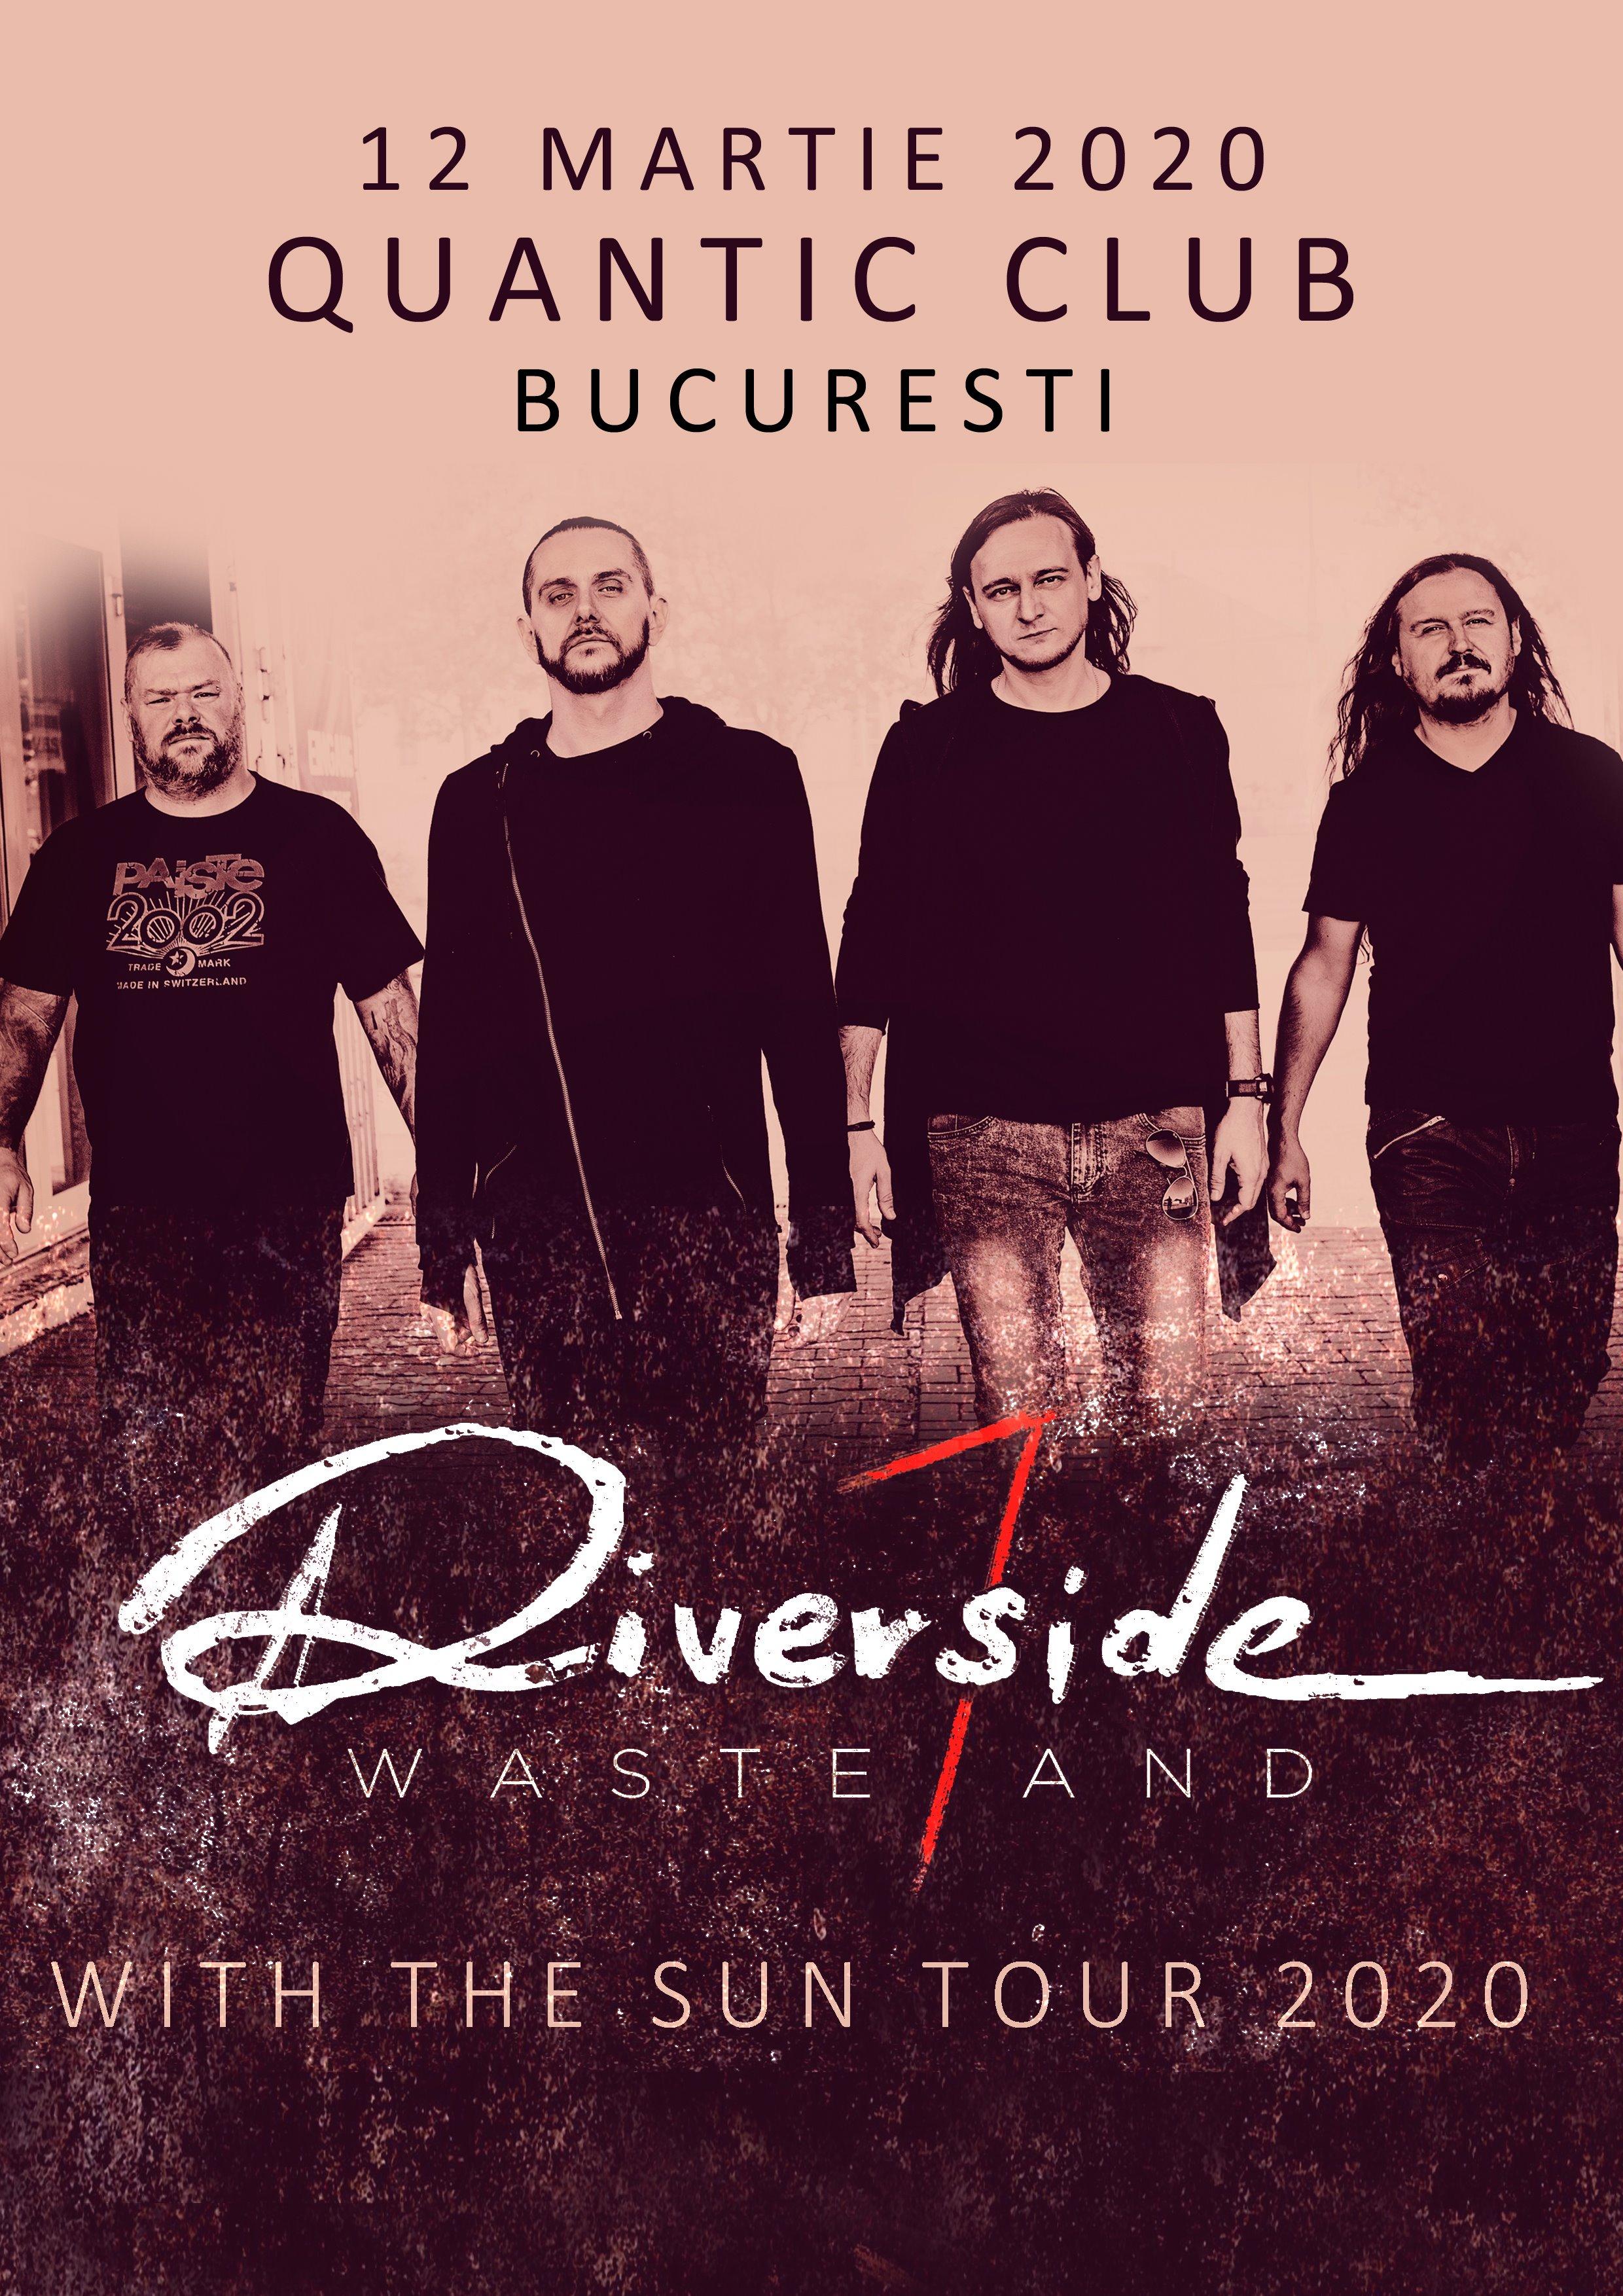 Riverside revine pe 12 Martie în Quantic cu o ediție specială a turneului WASTELAND-WITH THE SUN TOUR 2020